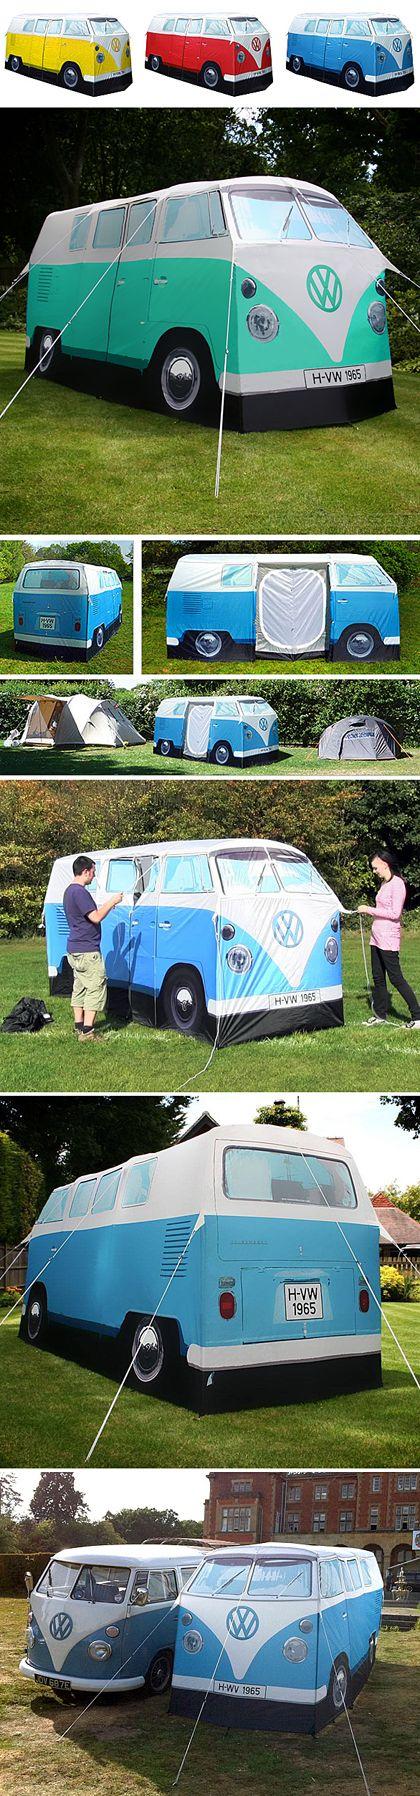 VW Camper Van Tent : 1965 Replica